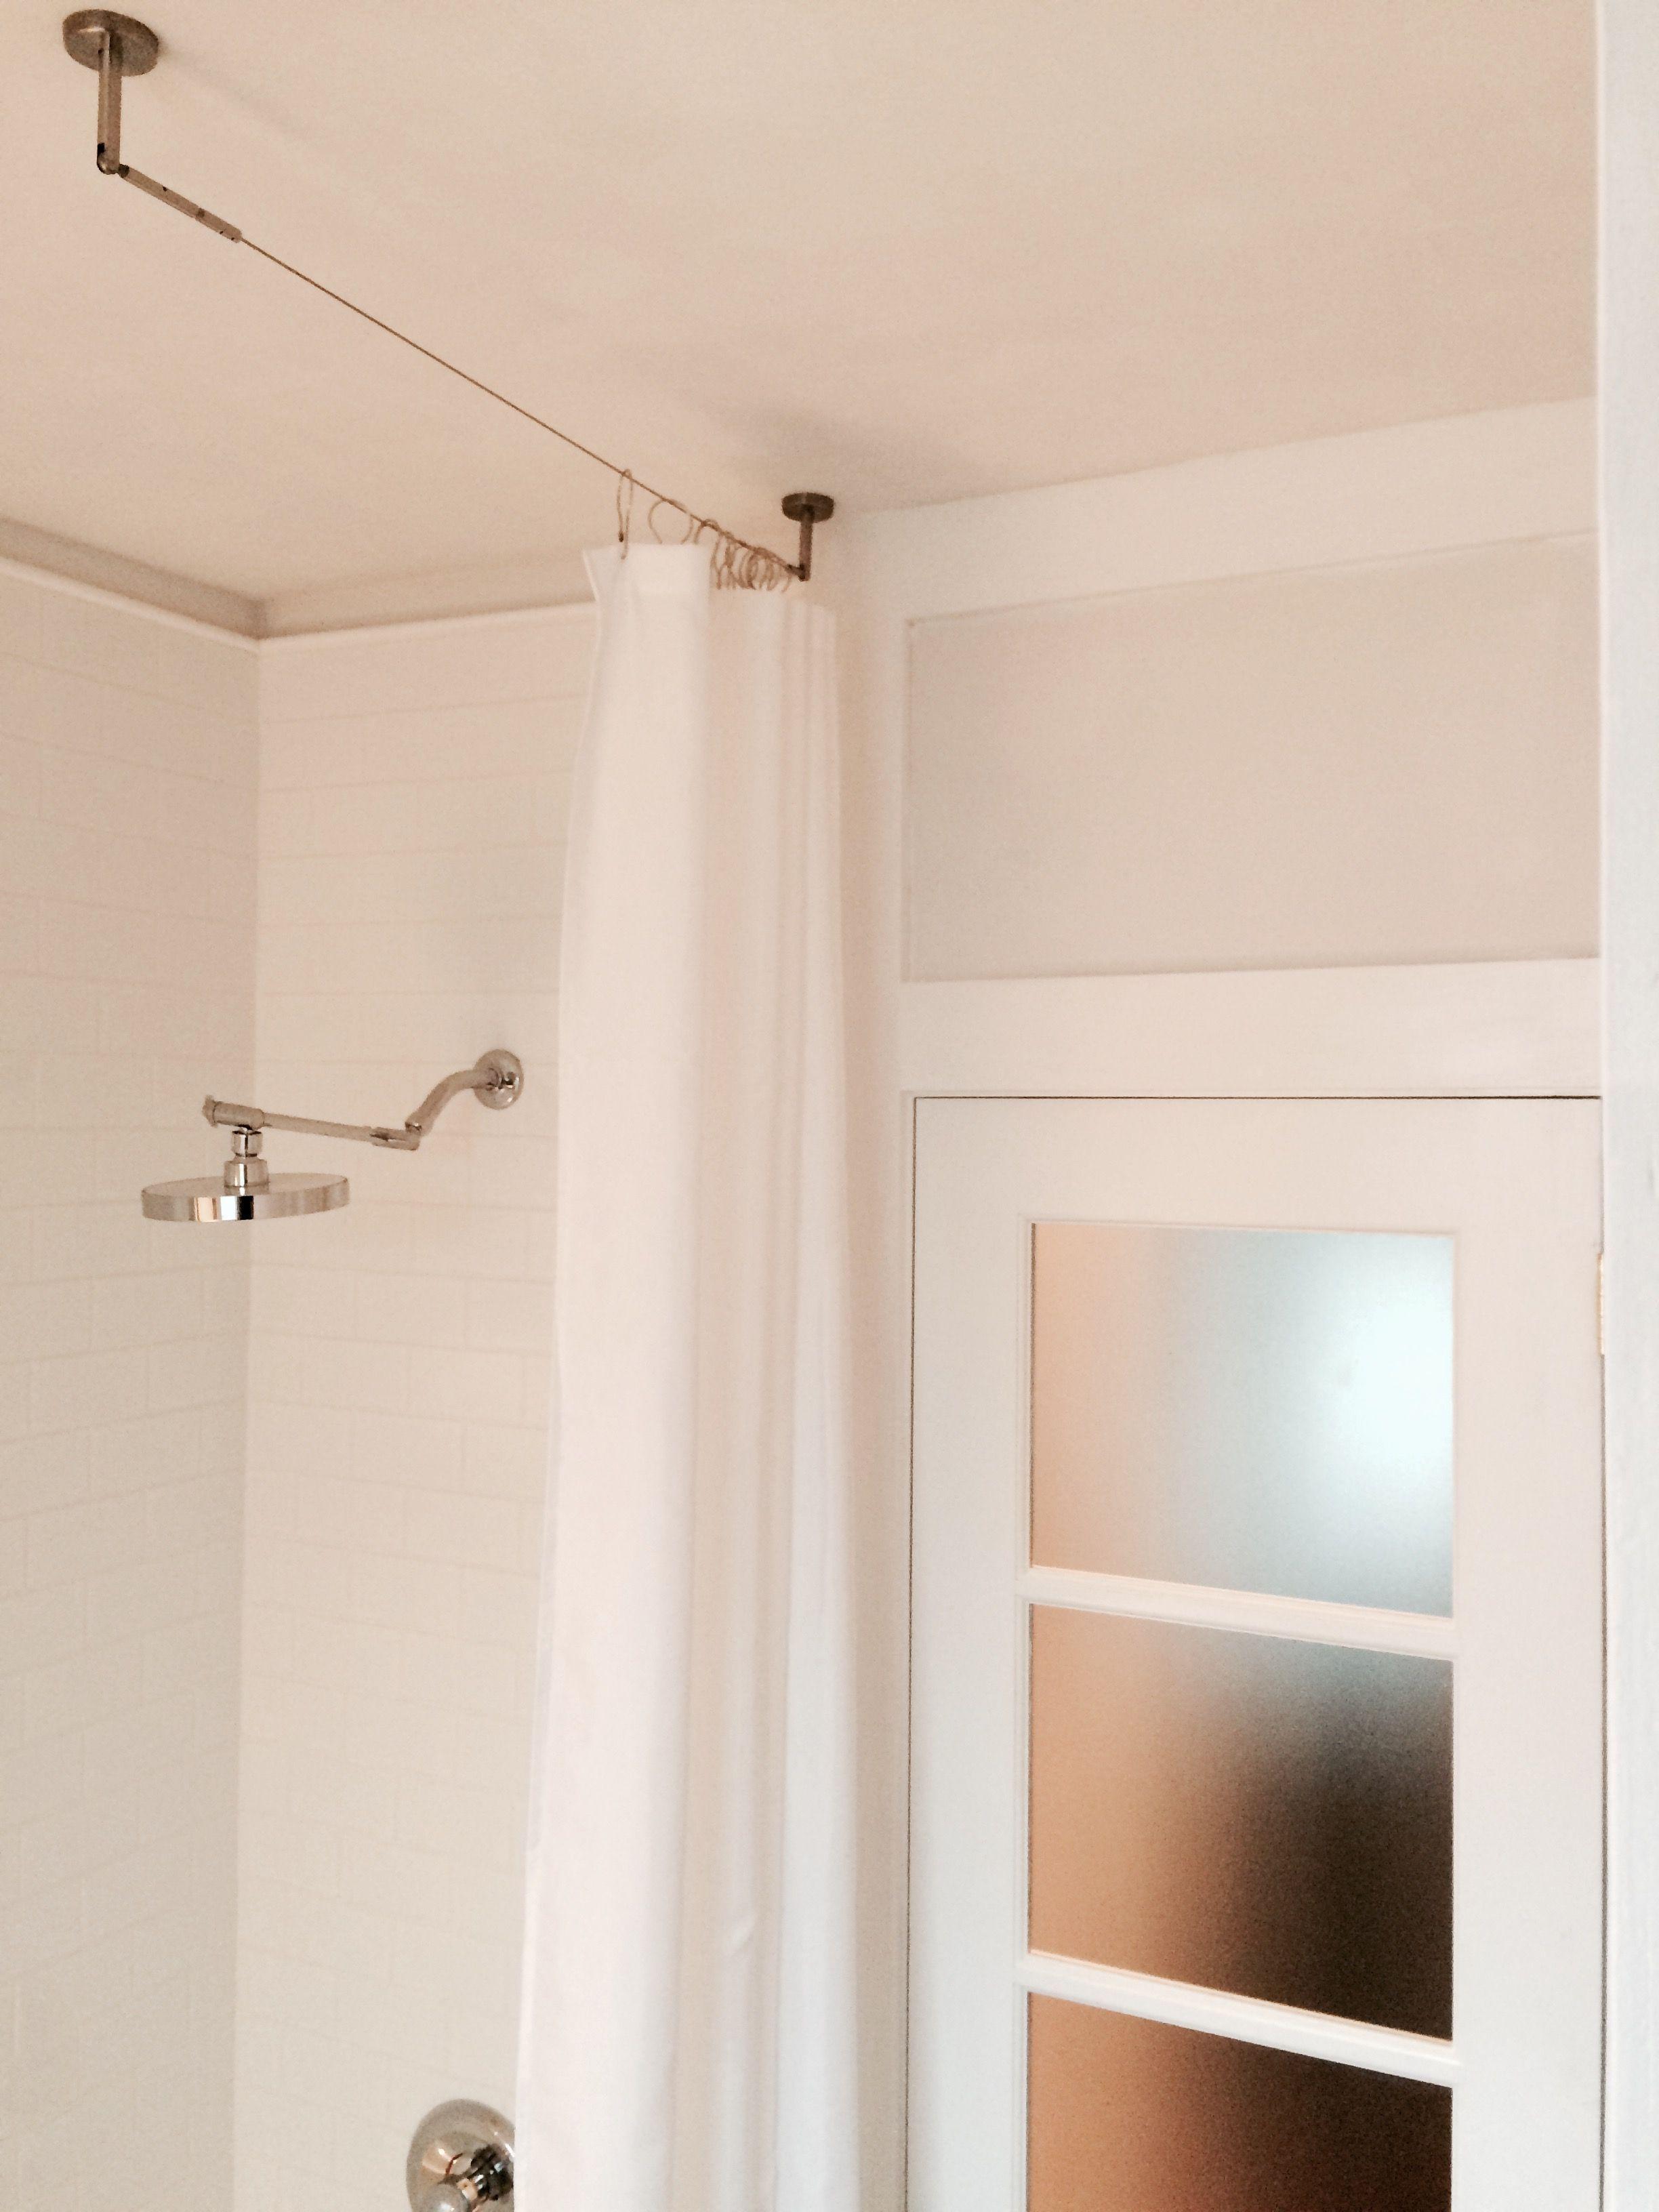 Schnell Abnehmen Bauch In 2020 Minimalist Showers Bathroom Shower Curtains Trendy Bathroom